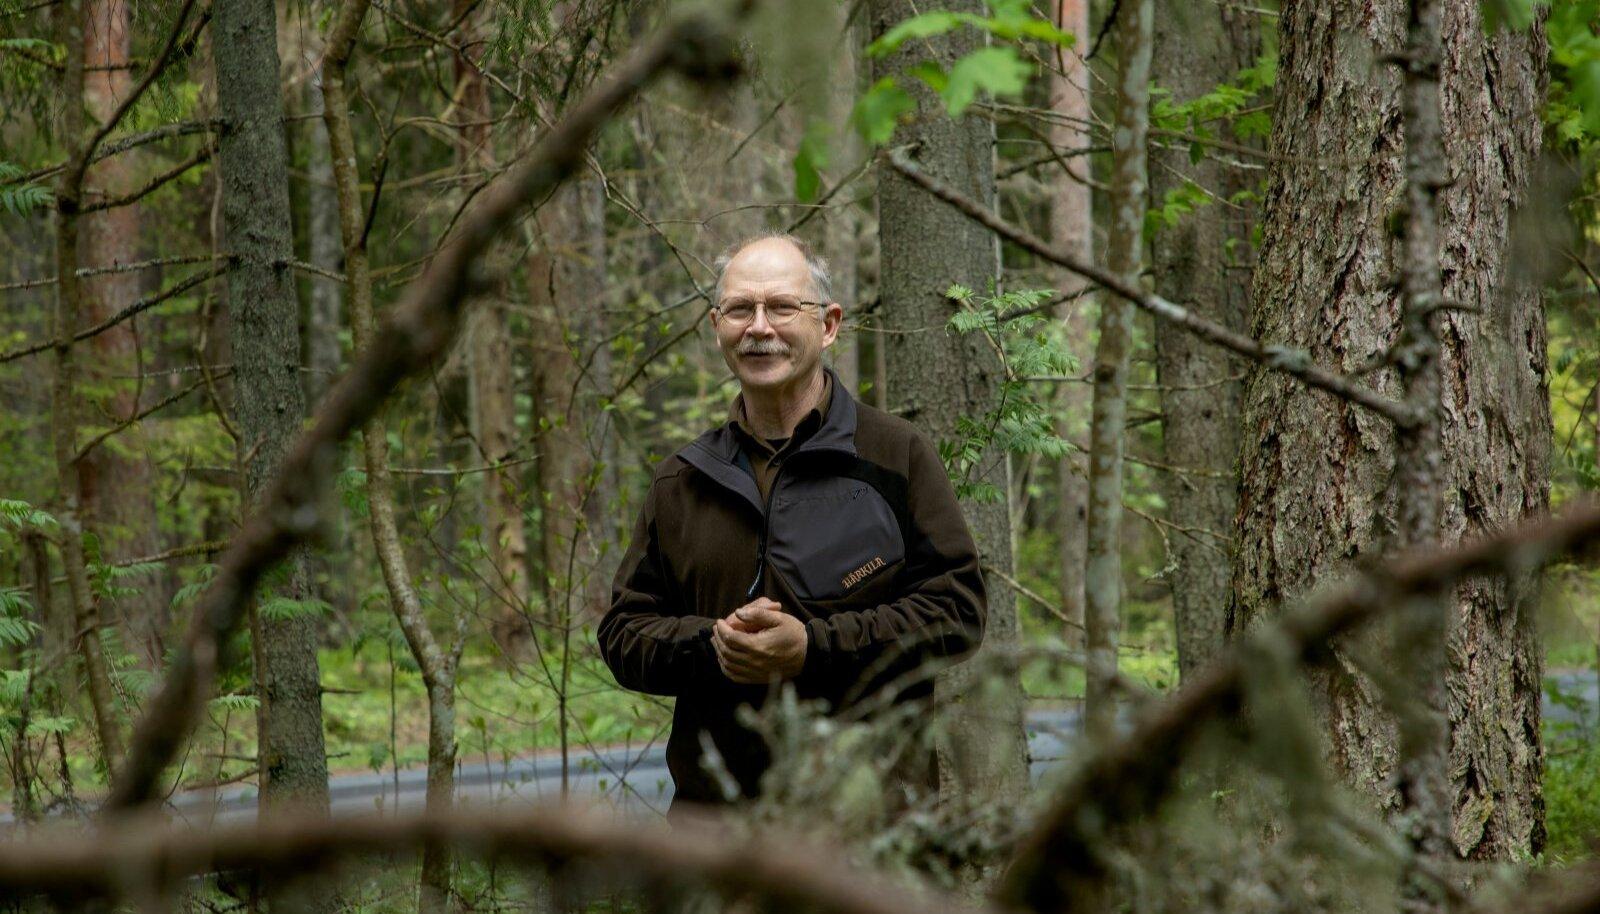 Lahemaa rahvuspark 50: loodusemees Peeter Hussar õhutab huvilisi endid looduses astudes ja vurades mõtlema ning aru saama, mida on poolsada aastat rahvusparki andnud Lahemaa loomadele, lindudele, metsadele, lahtedele ja loomulikult ka inimestele.